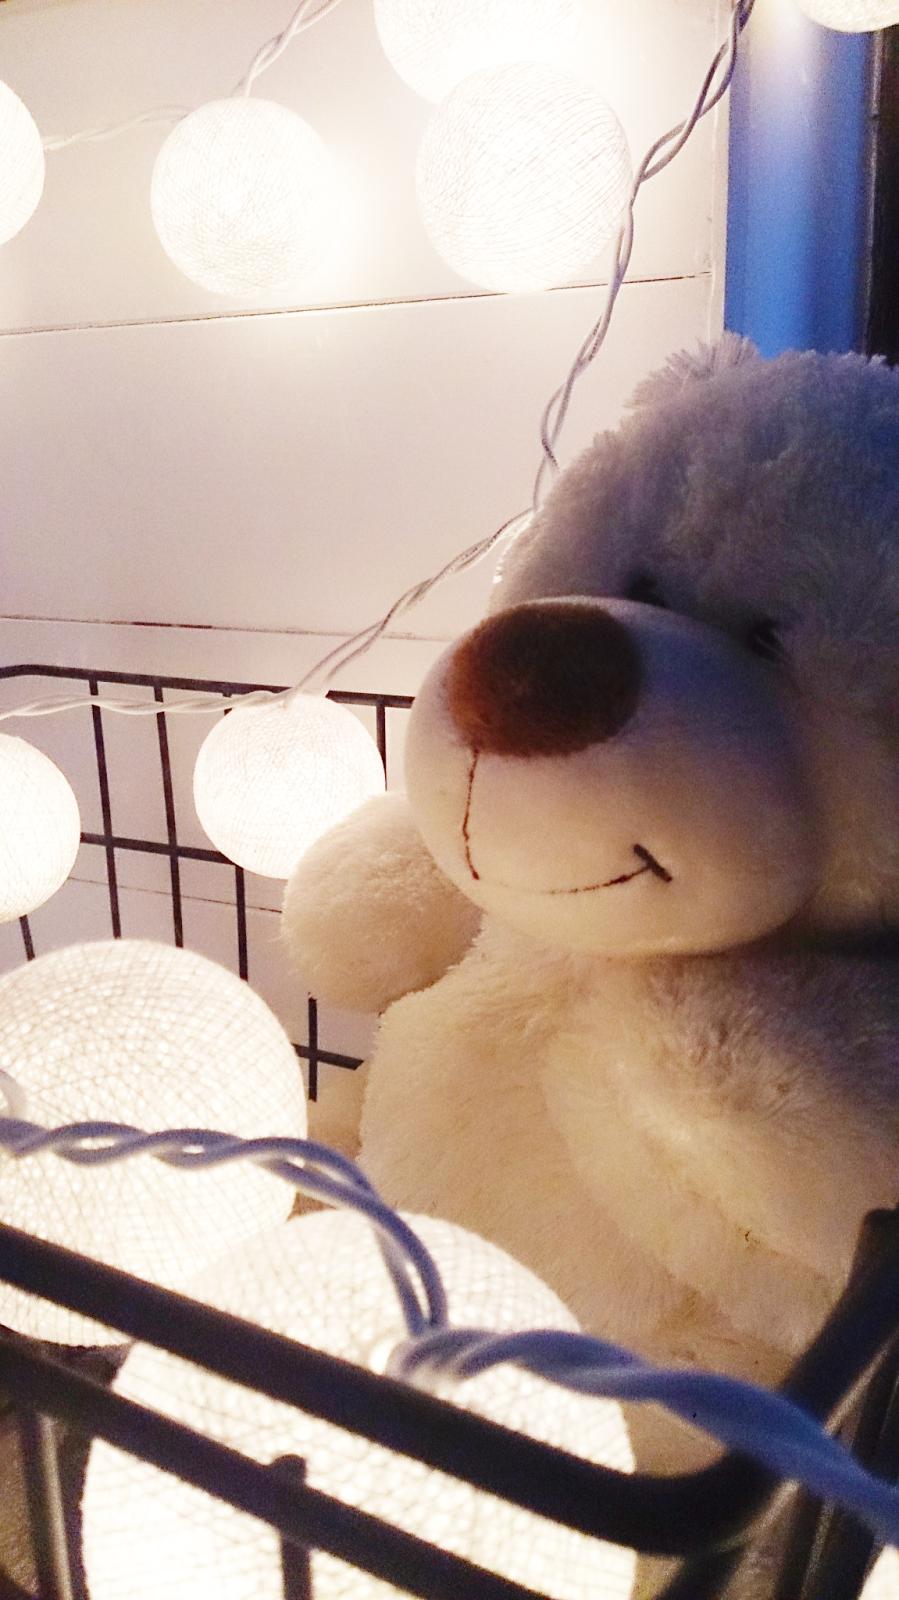 child white room,kids rooms,białe deski w pokoju dziecka,inspiracje,dekoracje,cotton balls lights,czarny kosz,pokój dziecięcy,biały miś,blog DIy,majsterkowanie